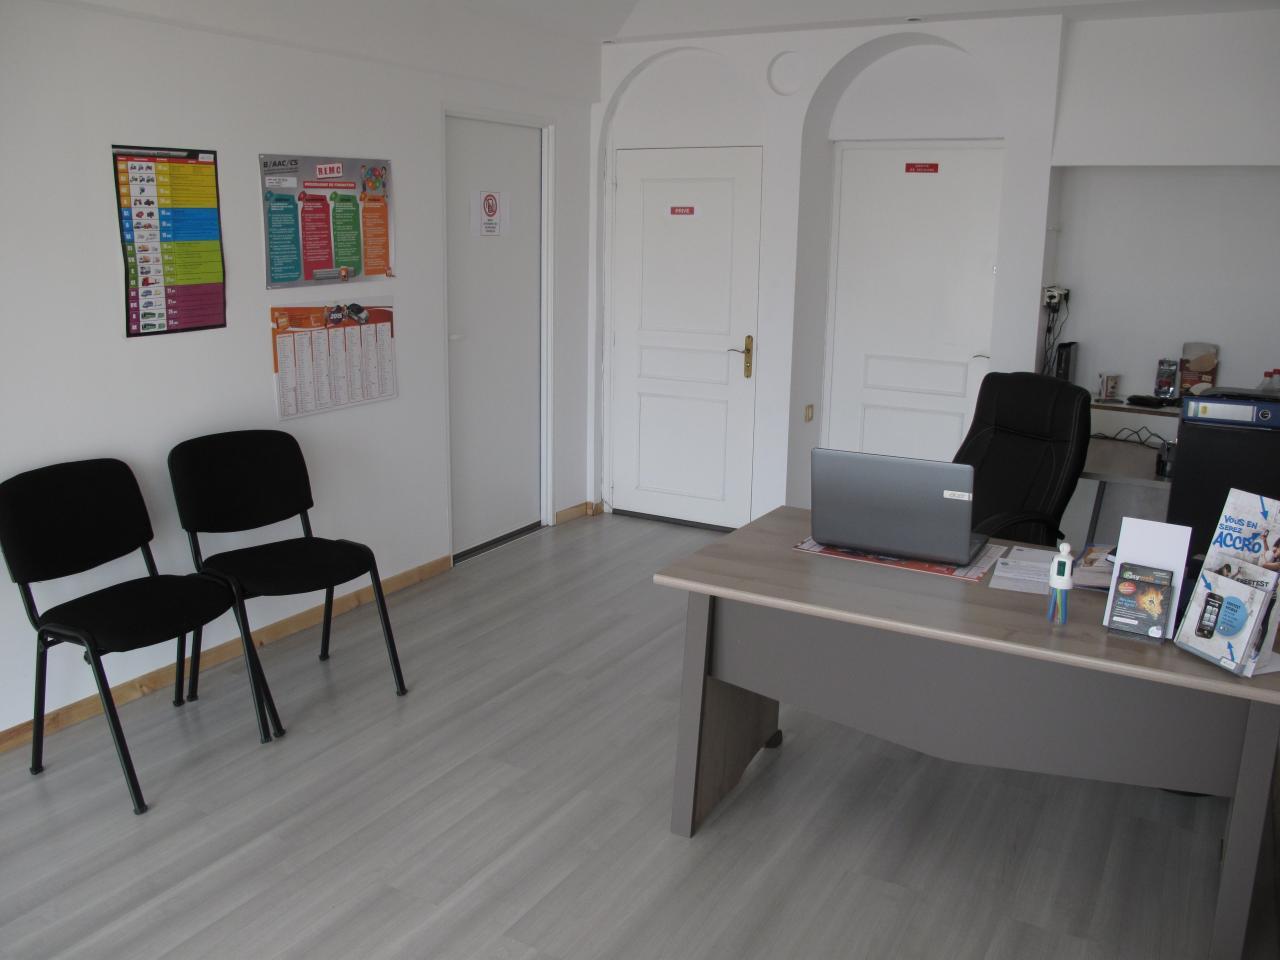 La salle d'accueil